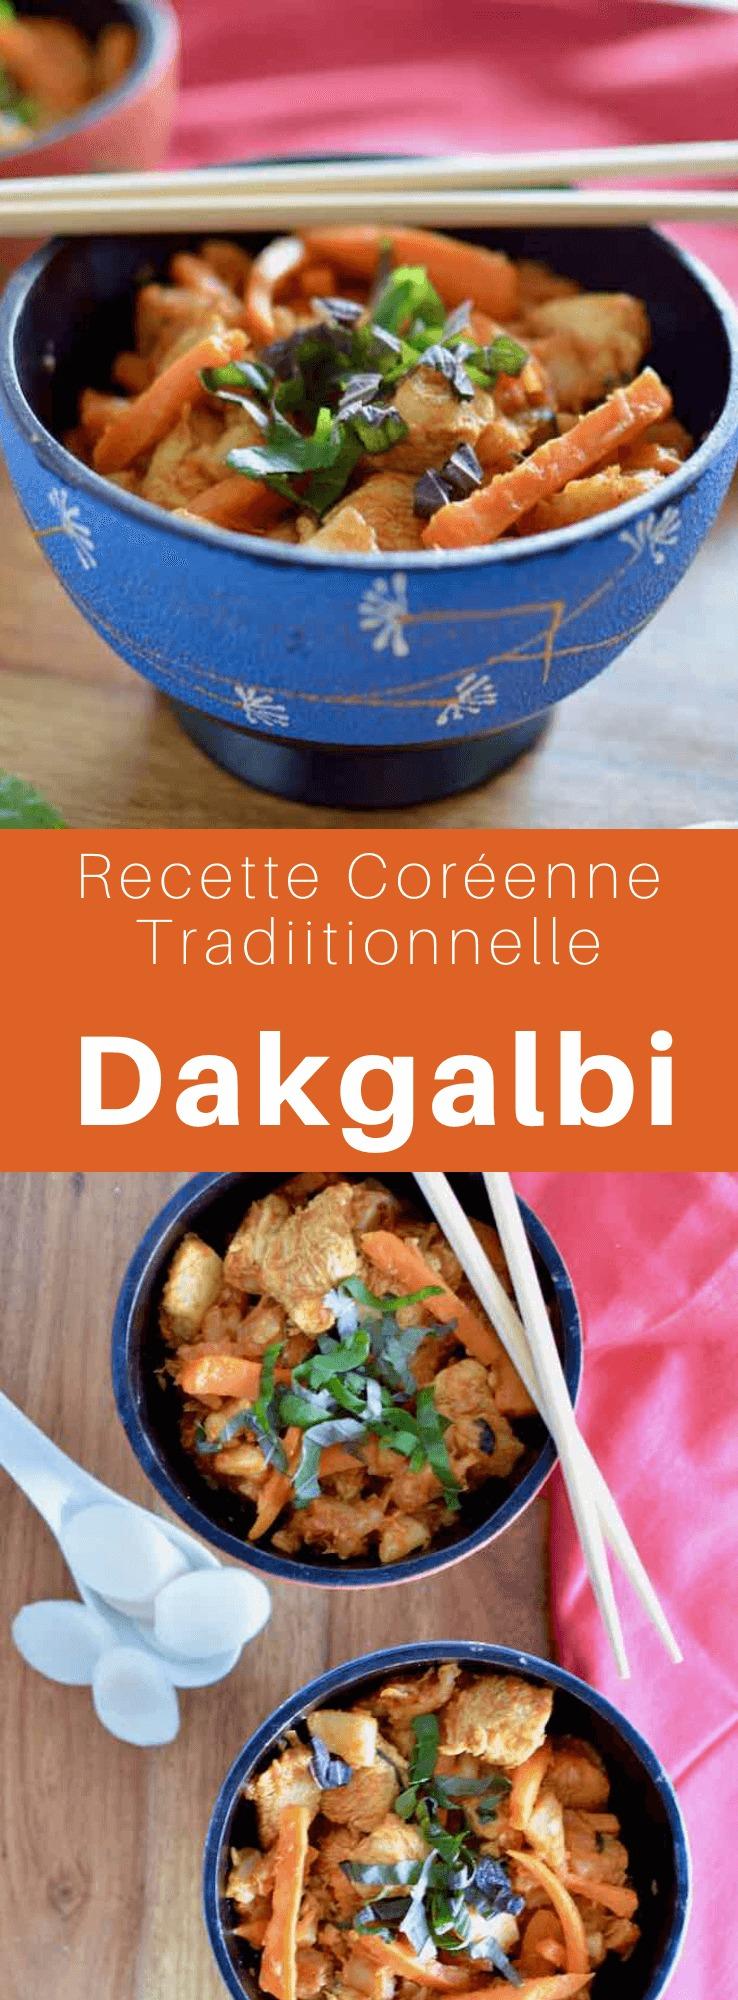 Le dak galbi ou dakgalbi (닭 갈비, est un plat coréen composé de poulet épicé sauté dans une sauce à base de gochujang, patate douce, chou, feuilles de shiso, oignons verts, tteok et d'autres ingrédients. #recettecoreenne #cuisinecoreenne #Coree #CoreeDuSud #CoreeDuNord #CuisineDuMonde #196flavors